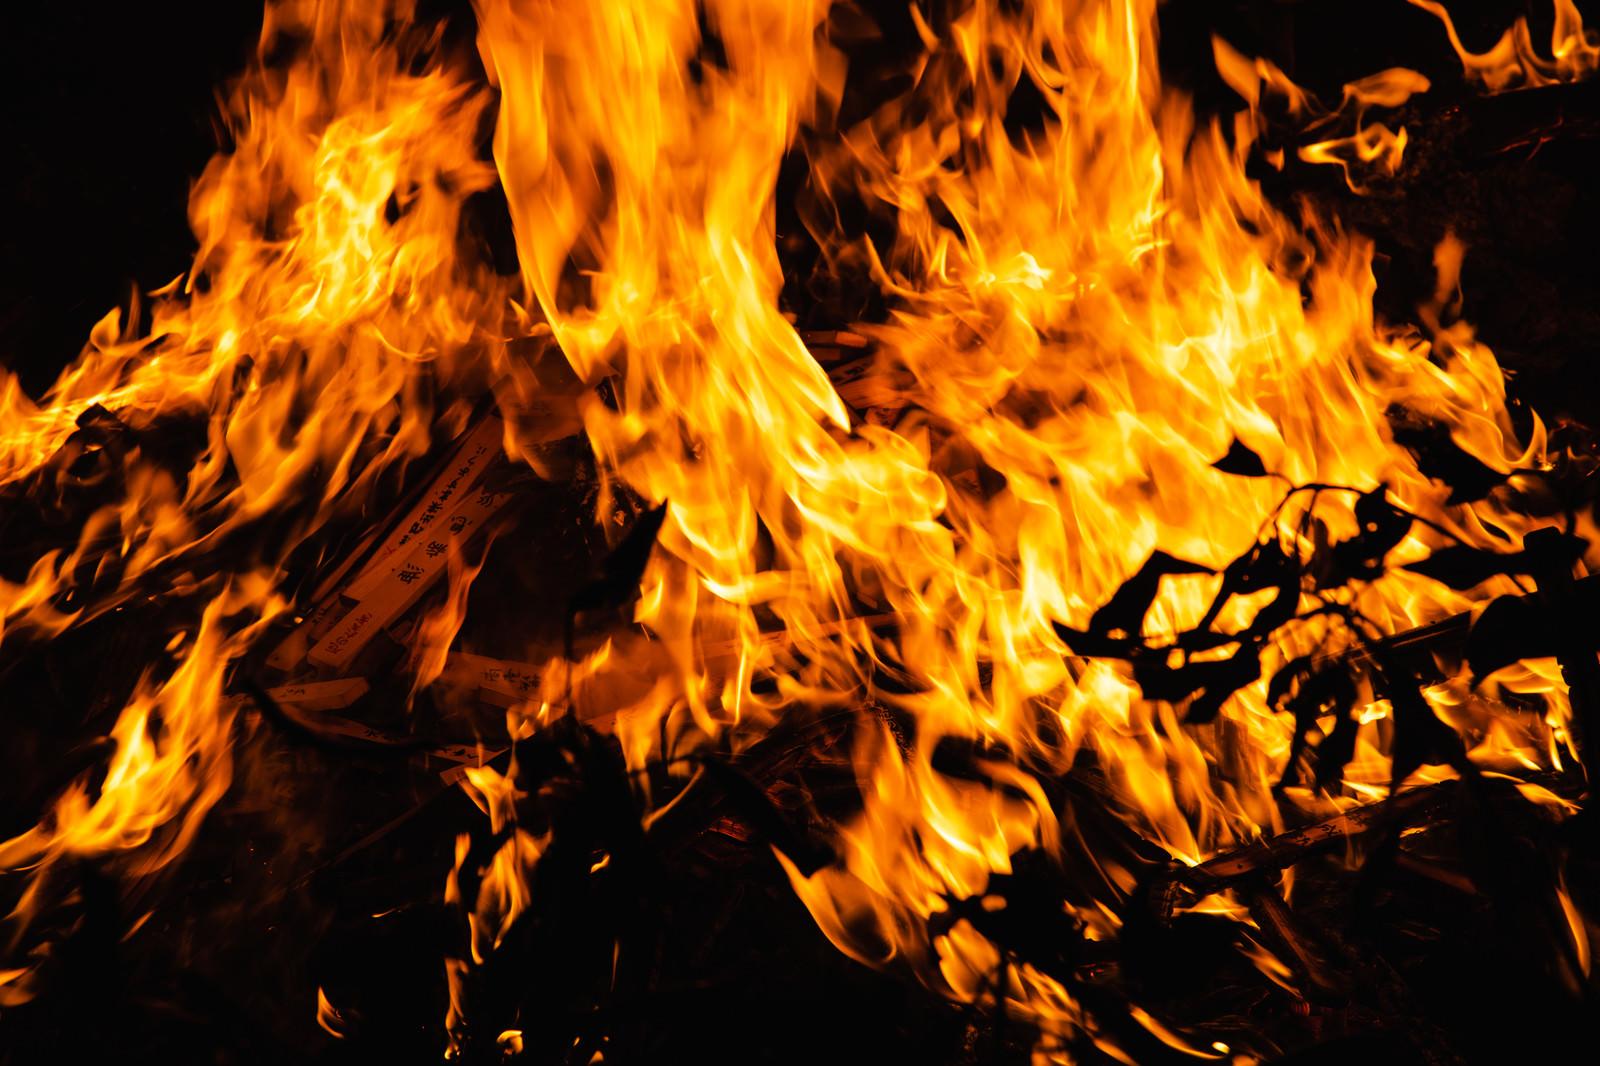 「外護摩の炎と揺らぎ」の写真